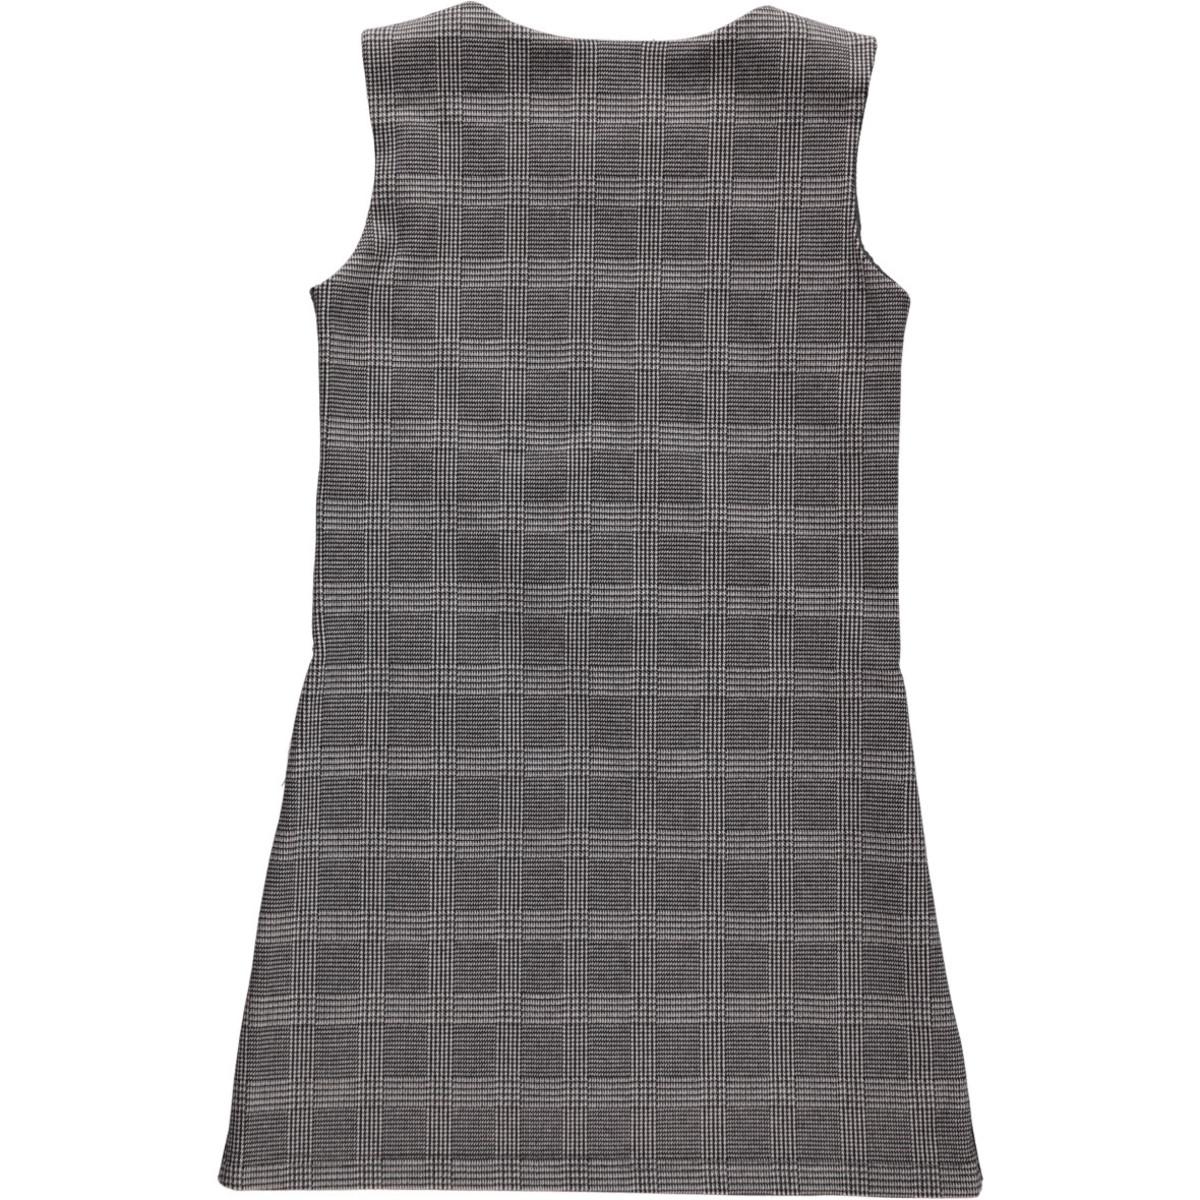 Bild 2 von Mädchen Kleid im Glenscheck Muster